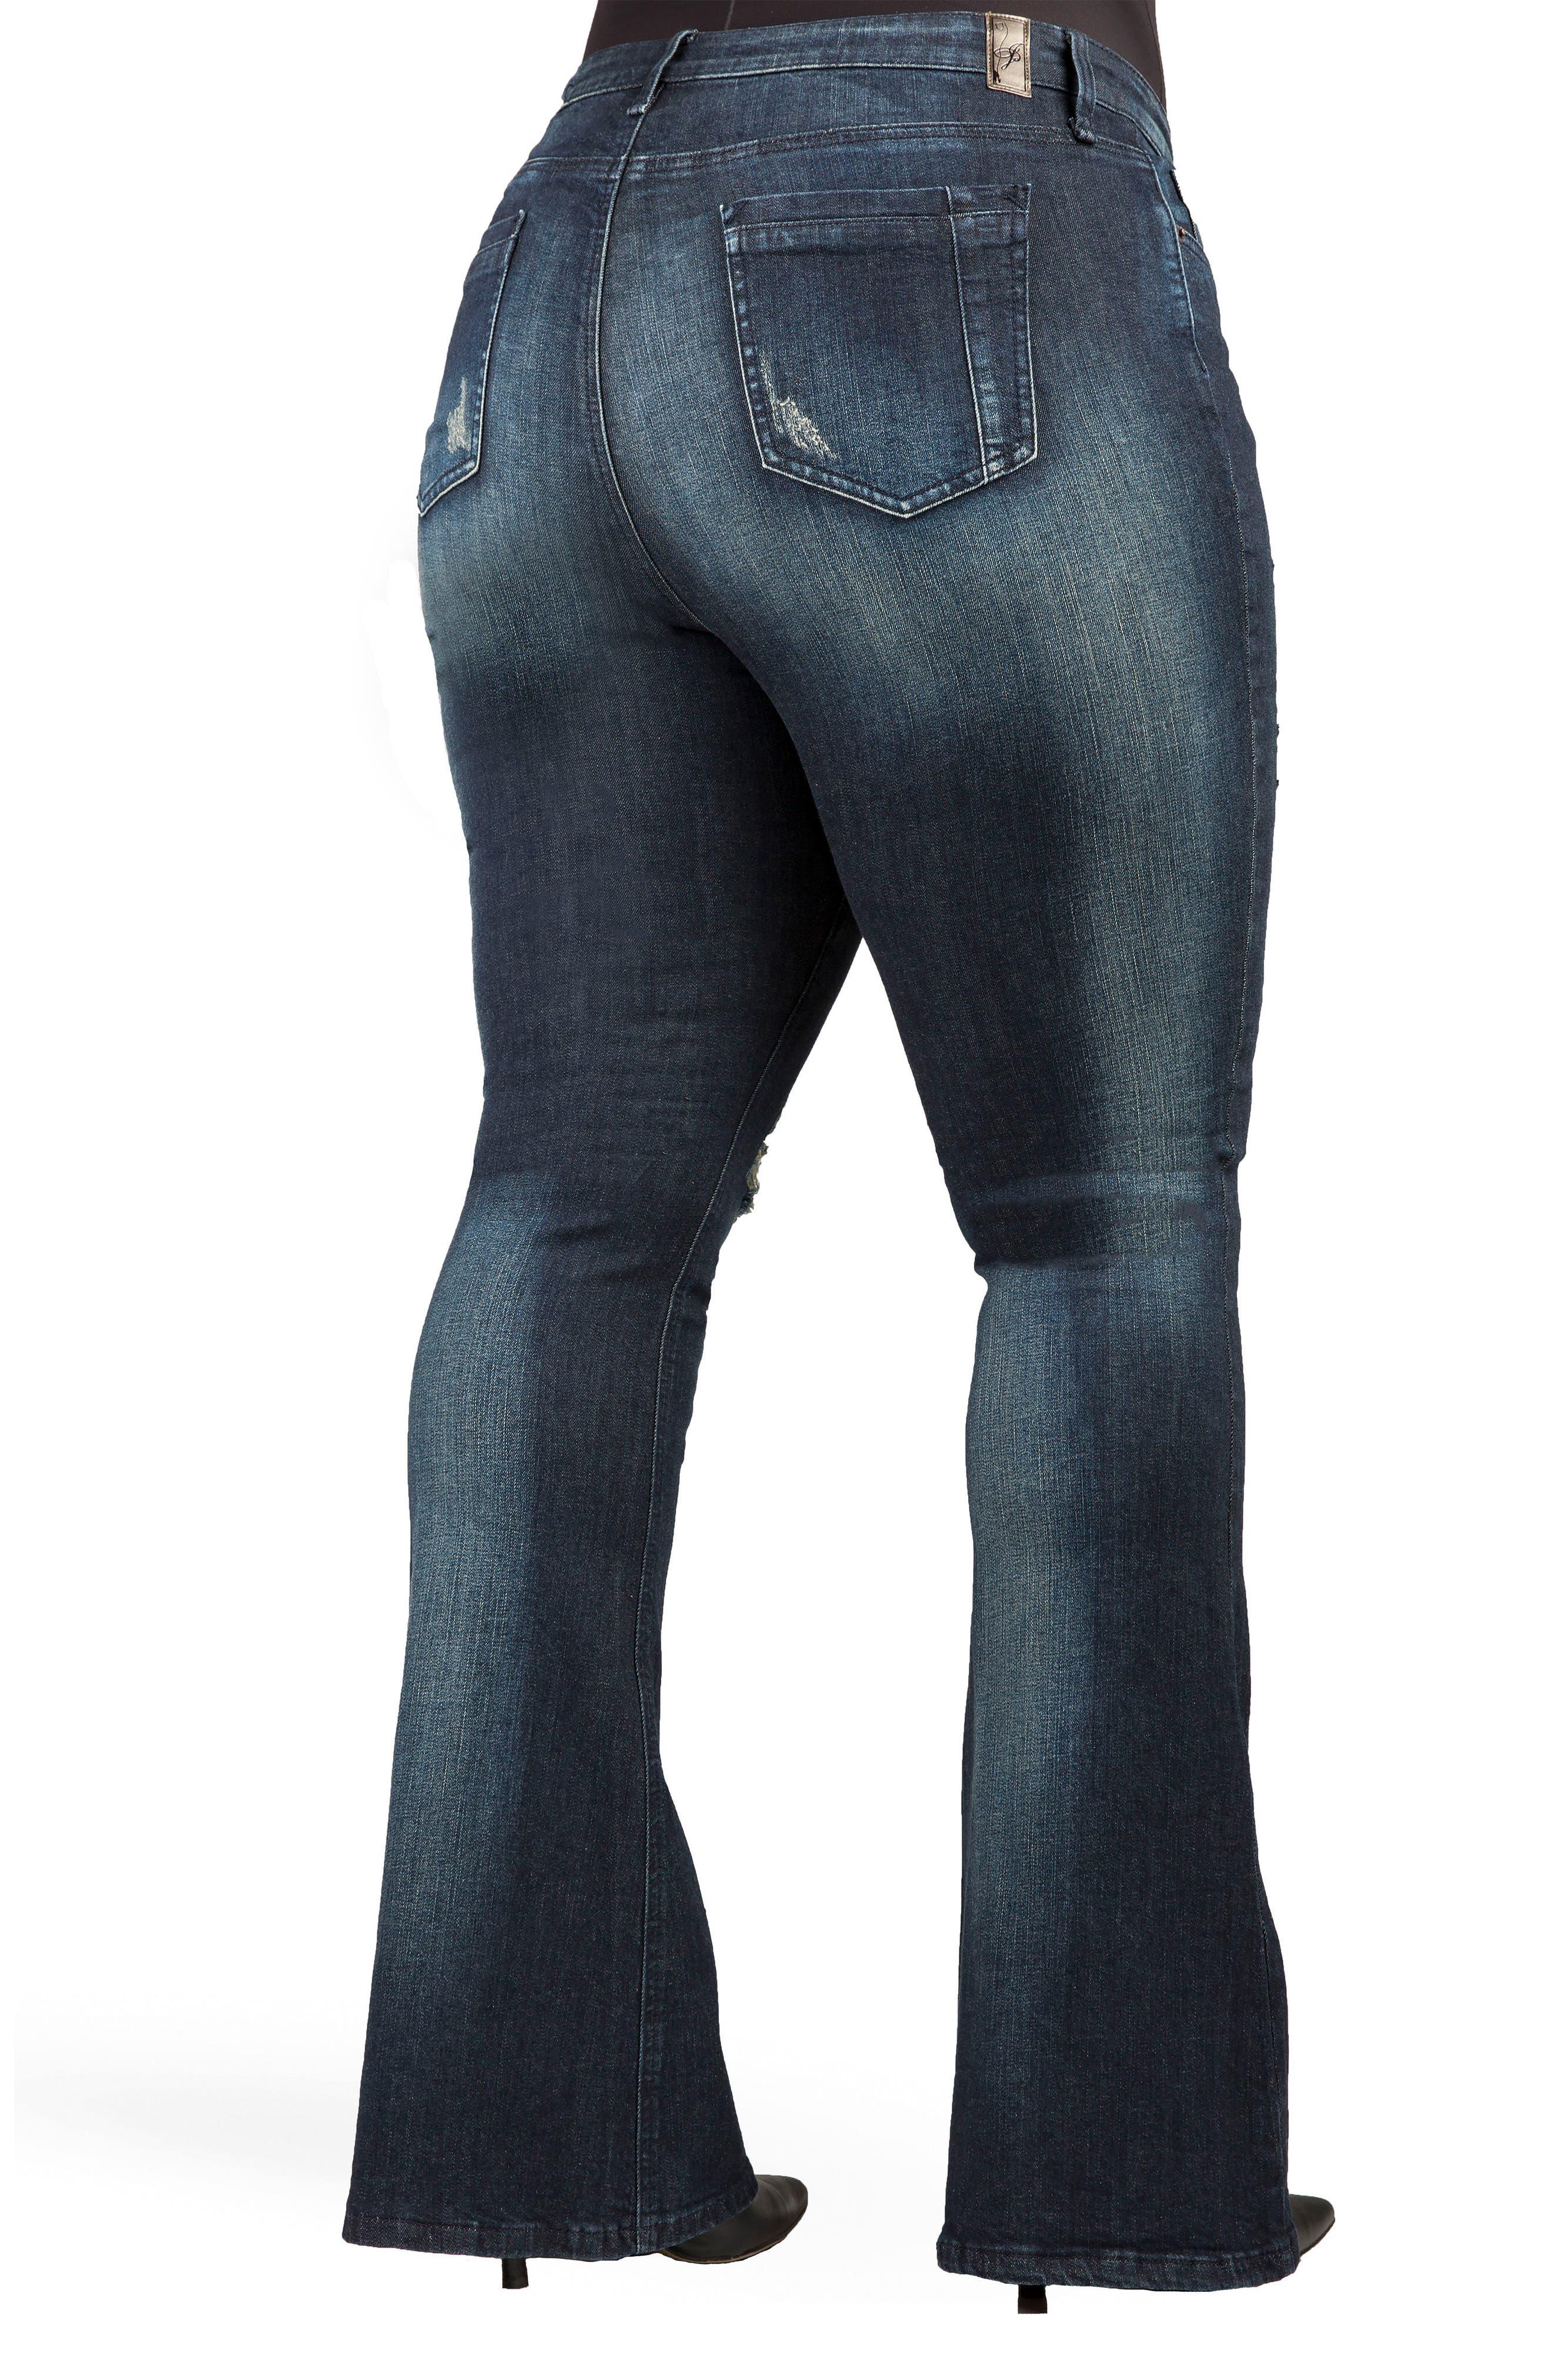 Kylie Curvy Fit Flare Leg Jeans,                             Alternate thumbnail 2, color,                             2942 Unforgiven Dark Blue